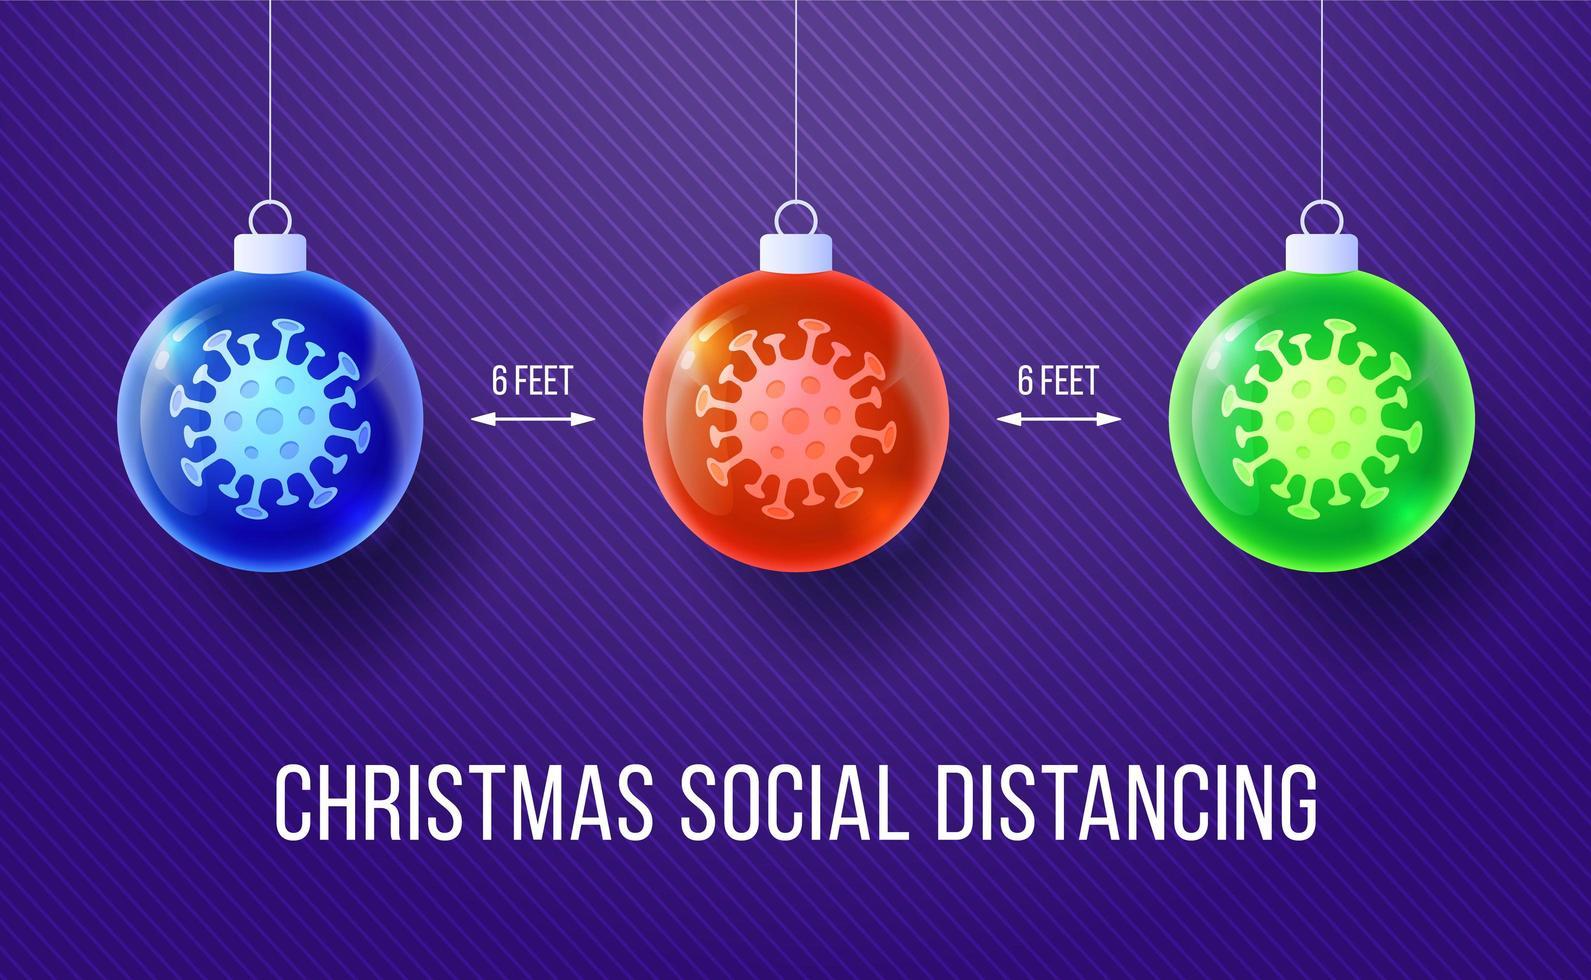 banner de distancia social de navidad con adornos brillantes vector